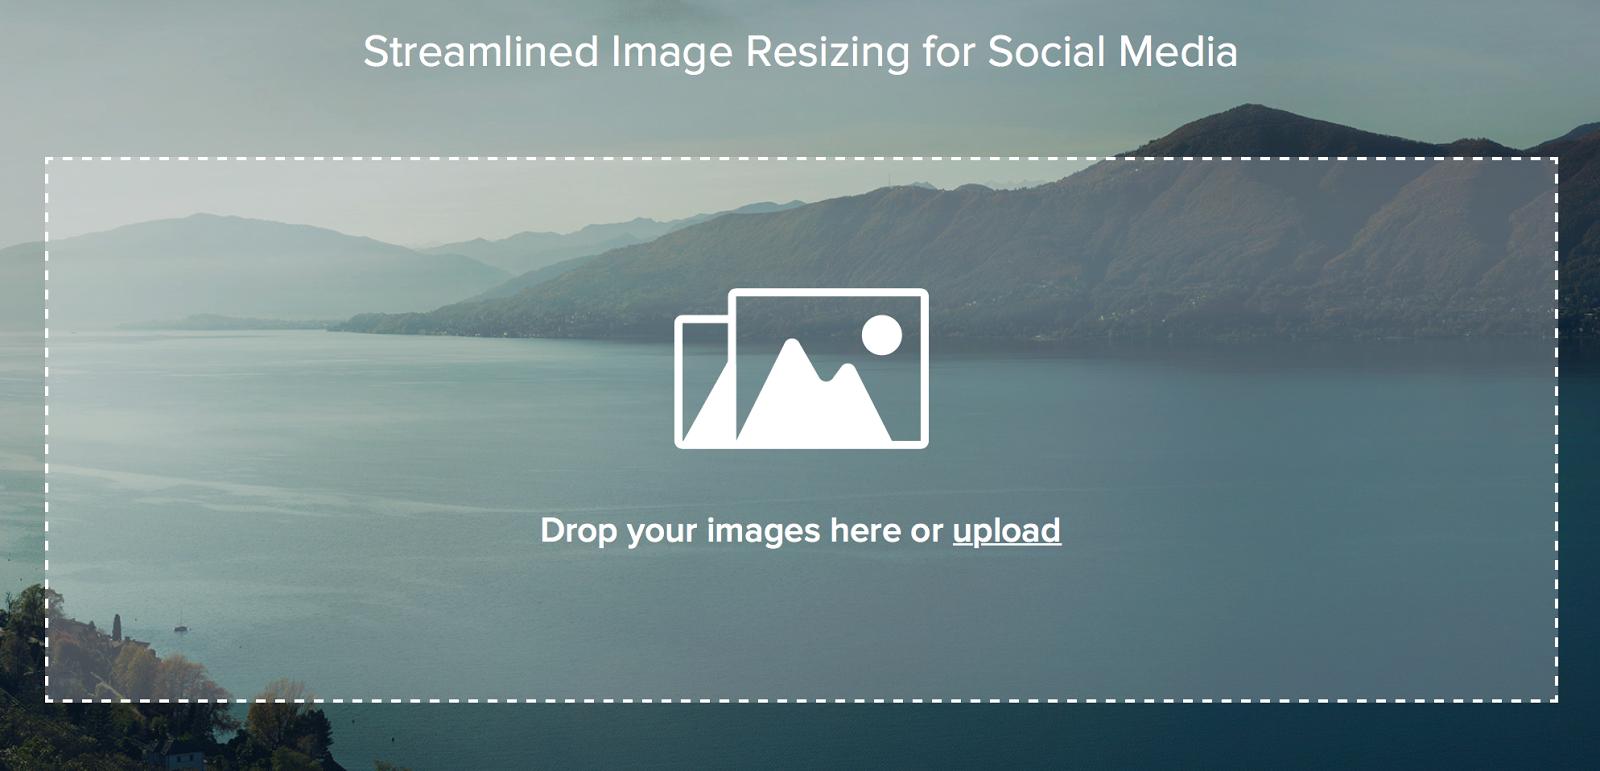 27 бесплатных сервисов для создания визуального контента без дизайнера - 20